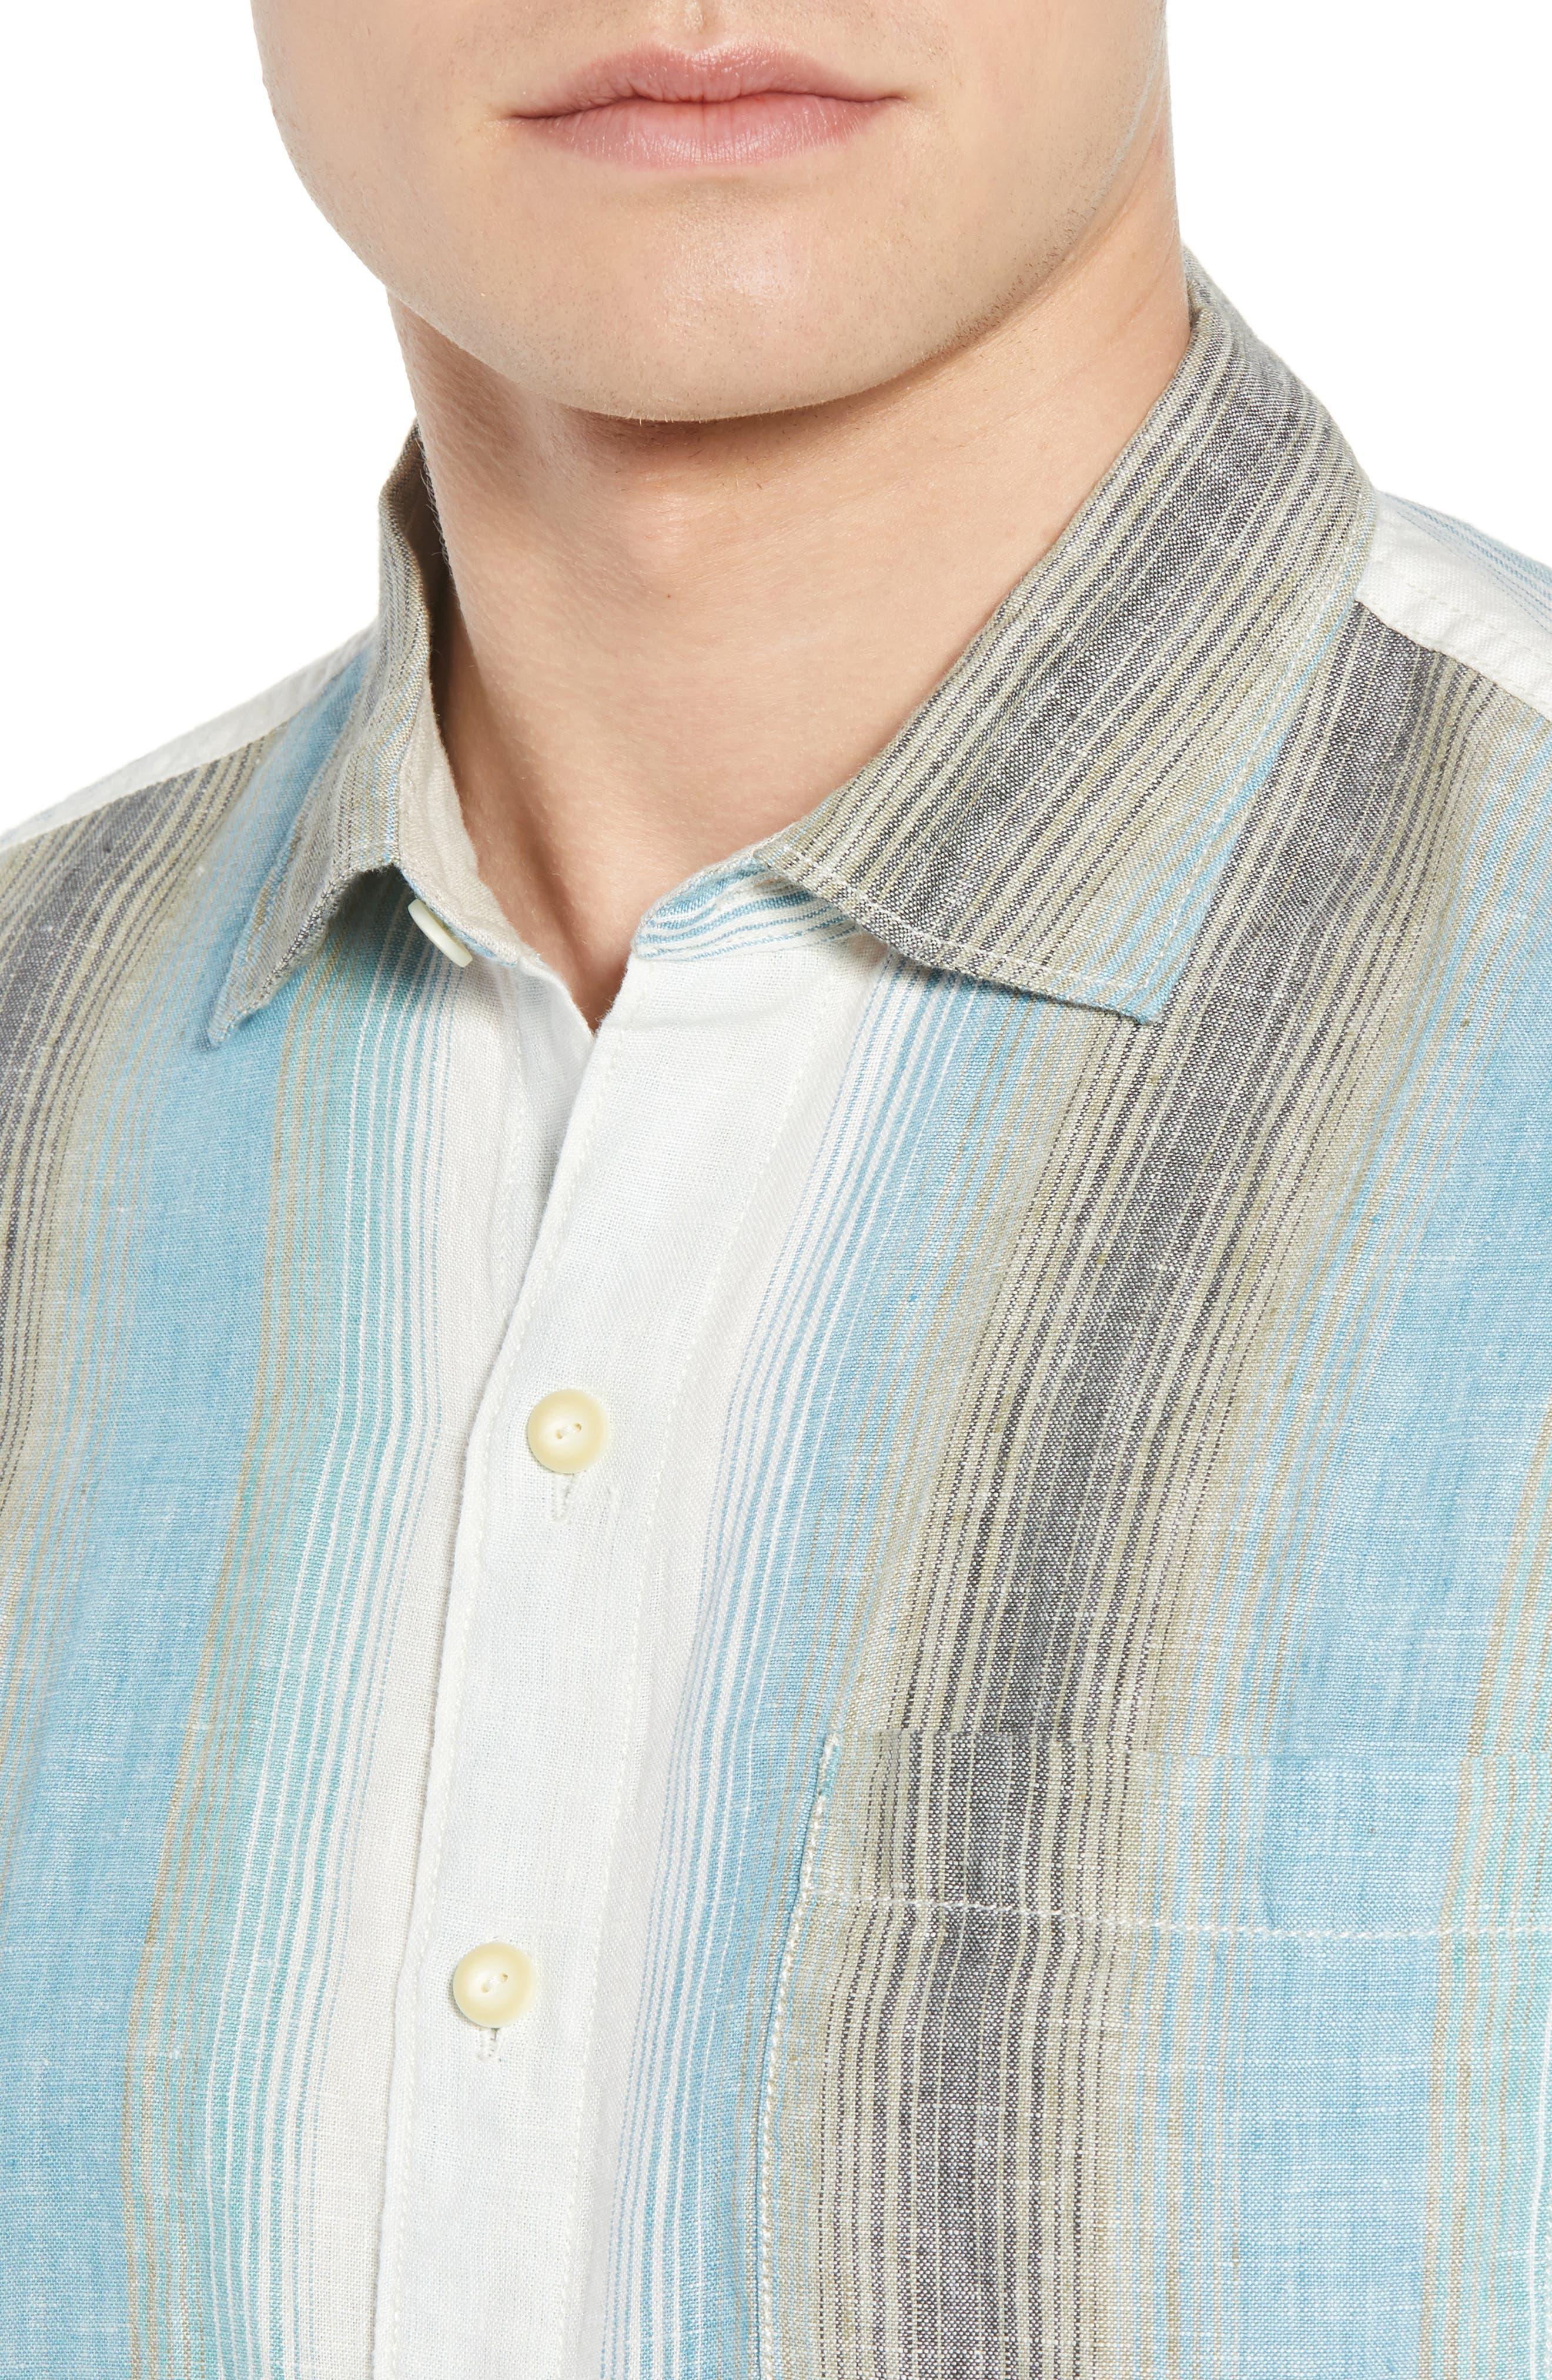 Sanchez Stripe Linen Sport Shirt,                             Alternate thumbnail 2, color,                             Voyager Blue